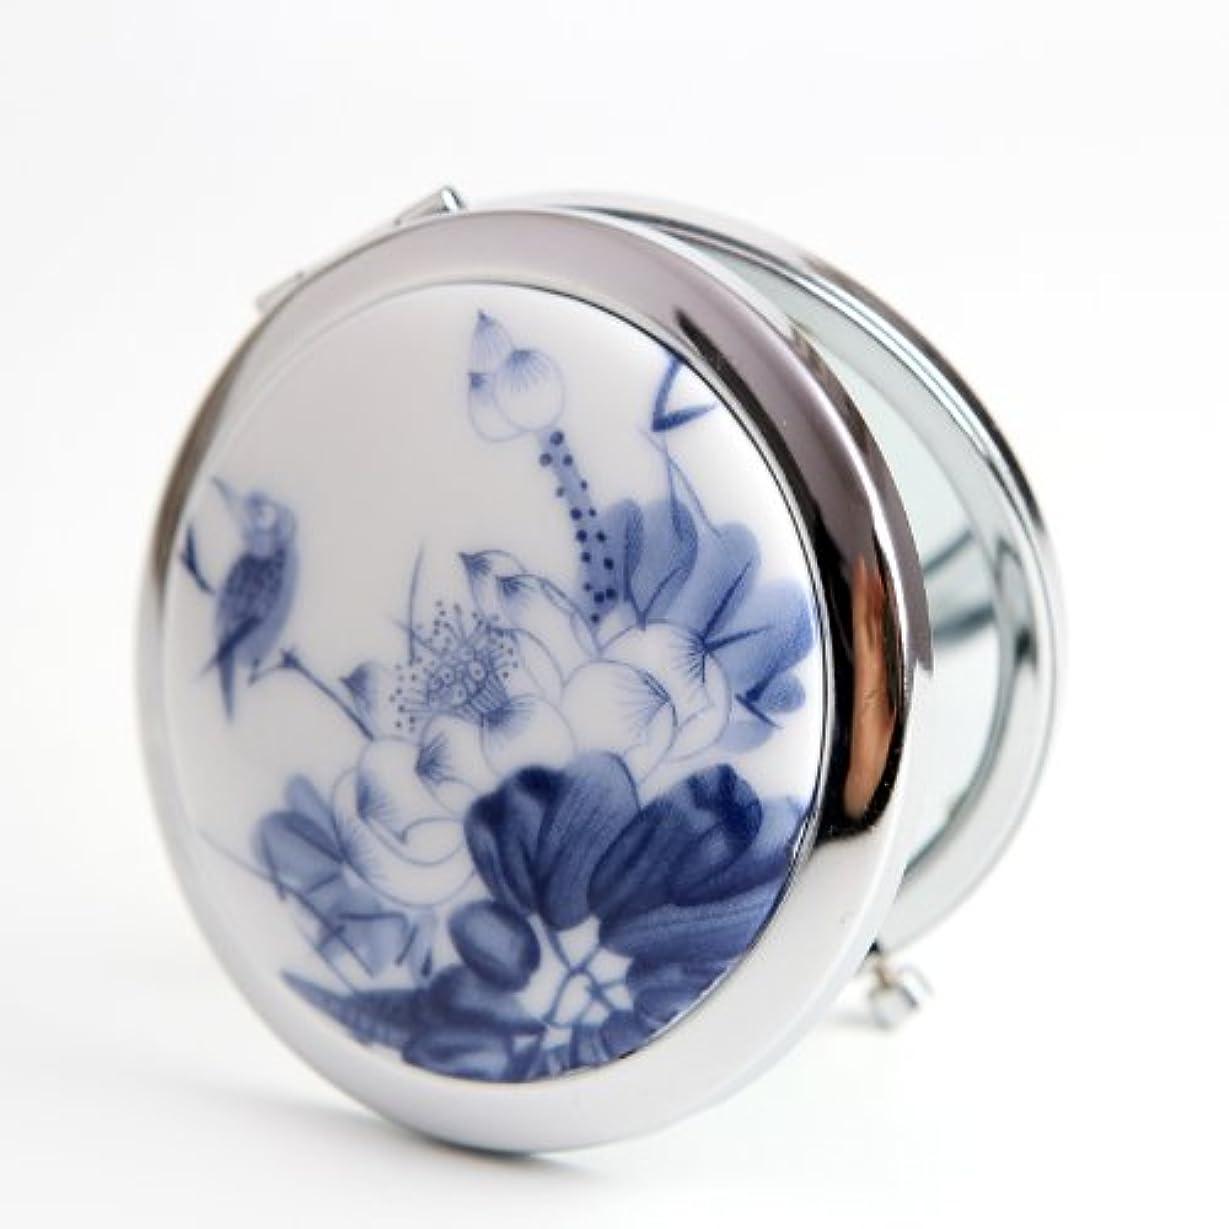 スプレー単調な富豪手作り 手鏡 レディース コンパクトミラー 化粧鏡 携帯ミラー 細かなメイクや日々のスキンケアに最適!